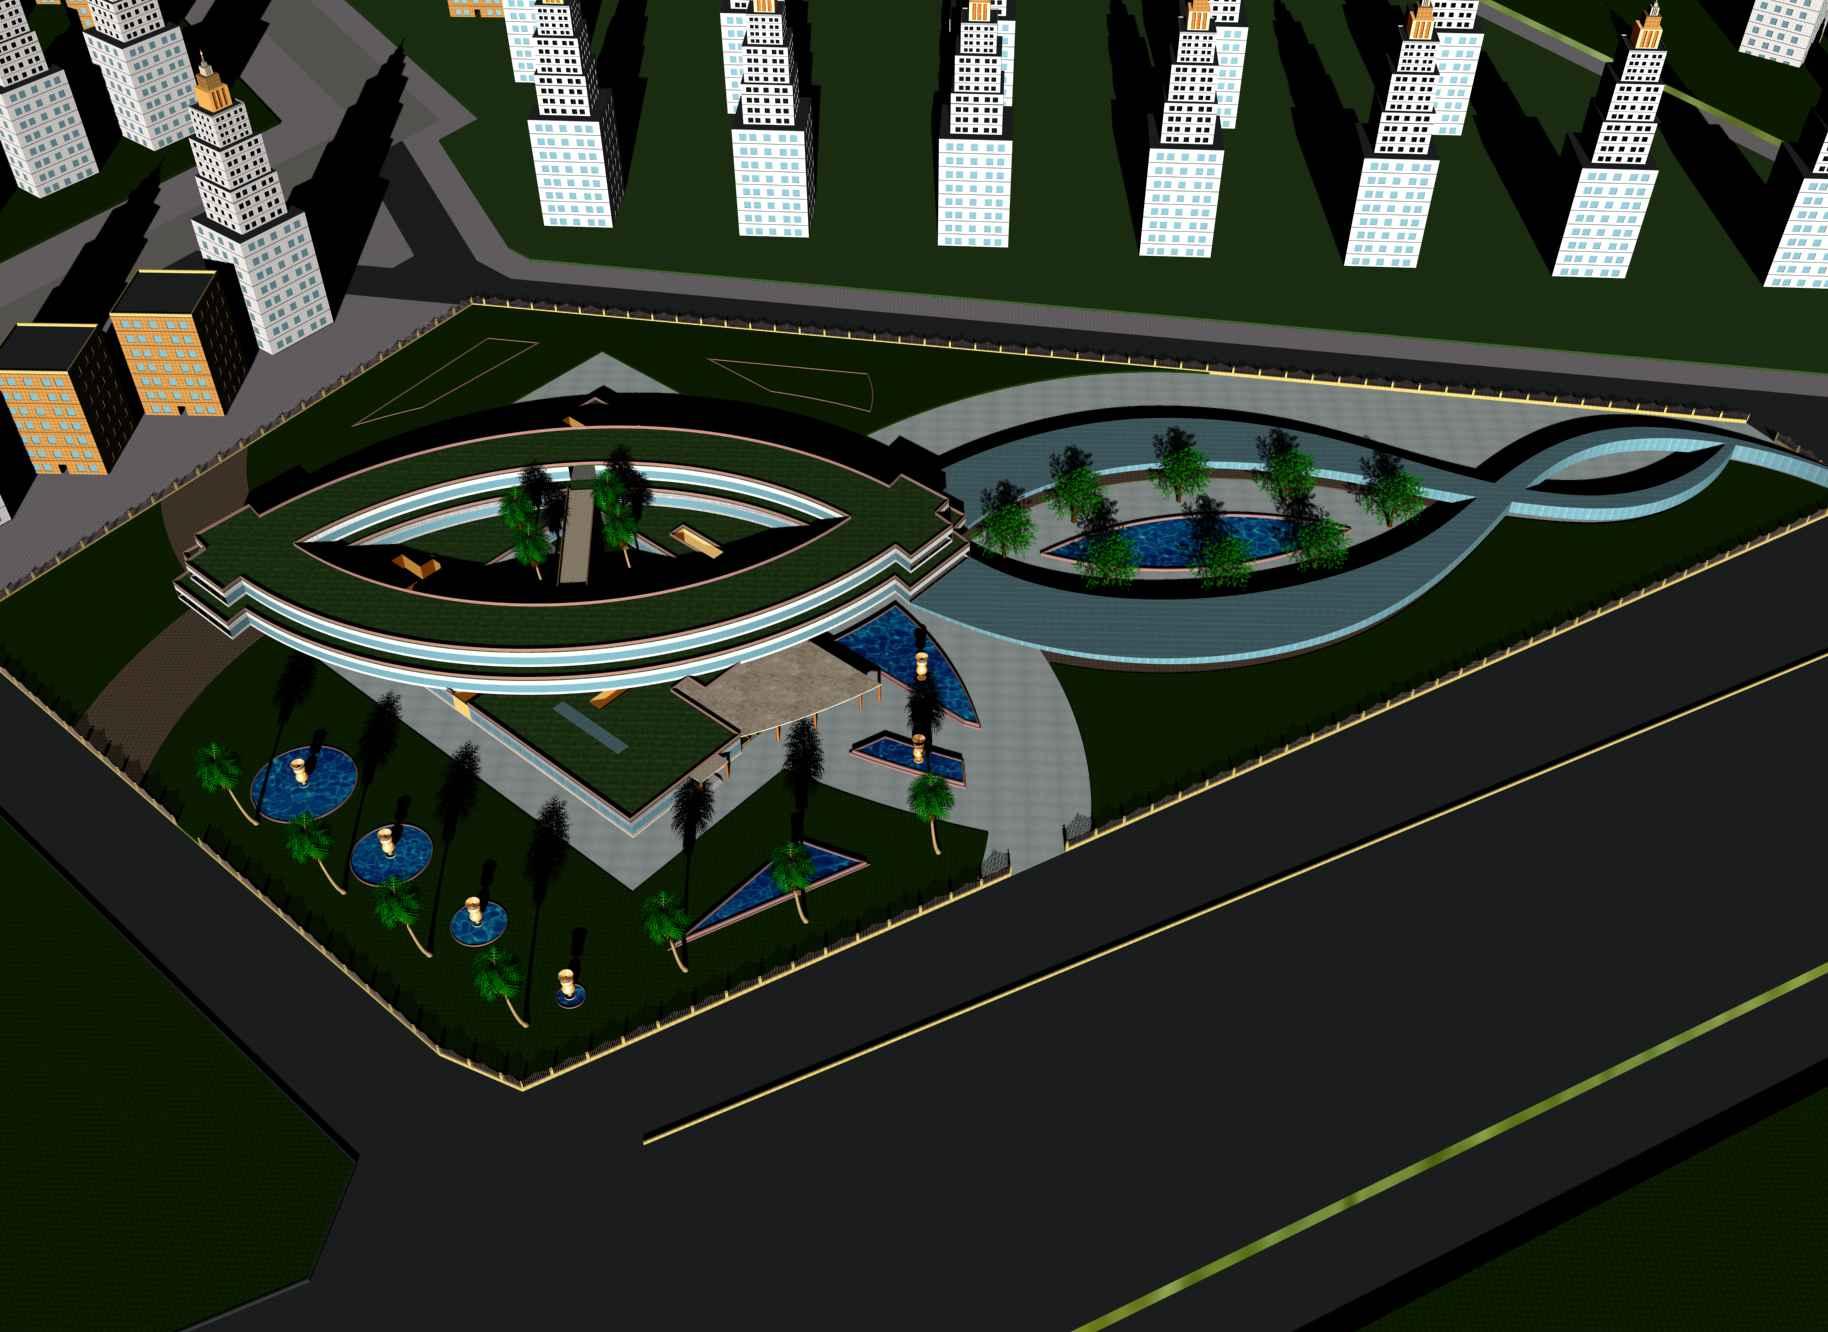 پلان بیمارستان طرح 4 ( اتوکد - رندر - عکس ماکت )